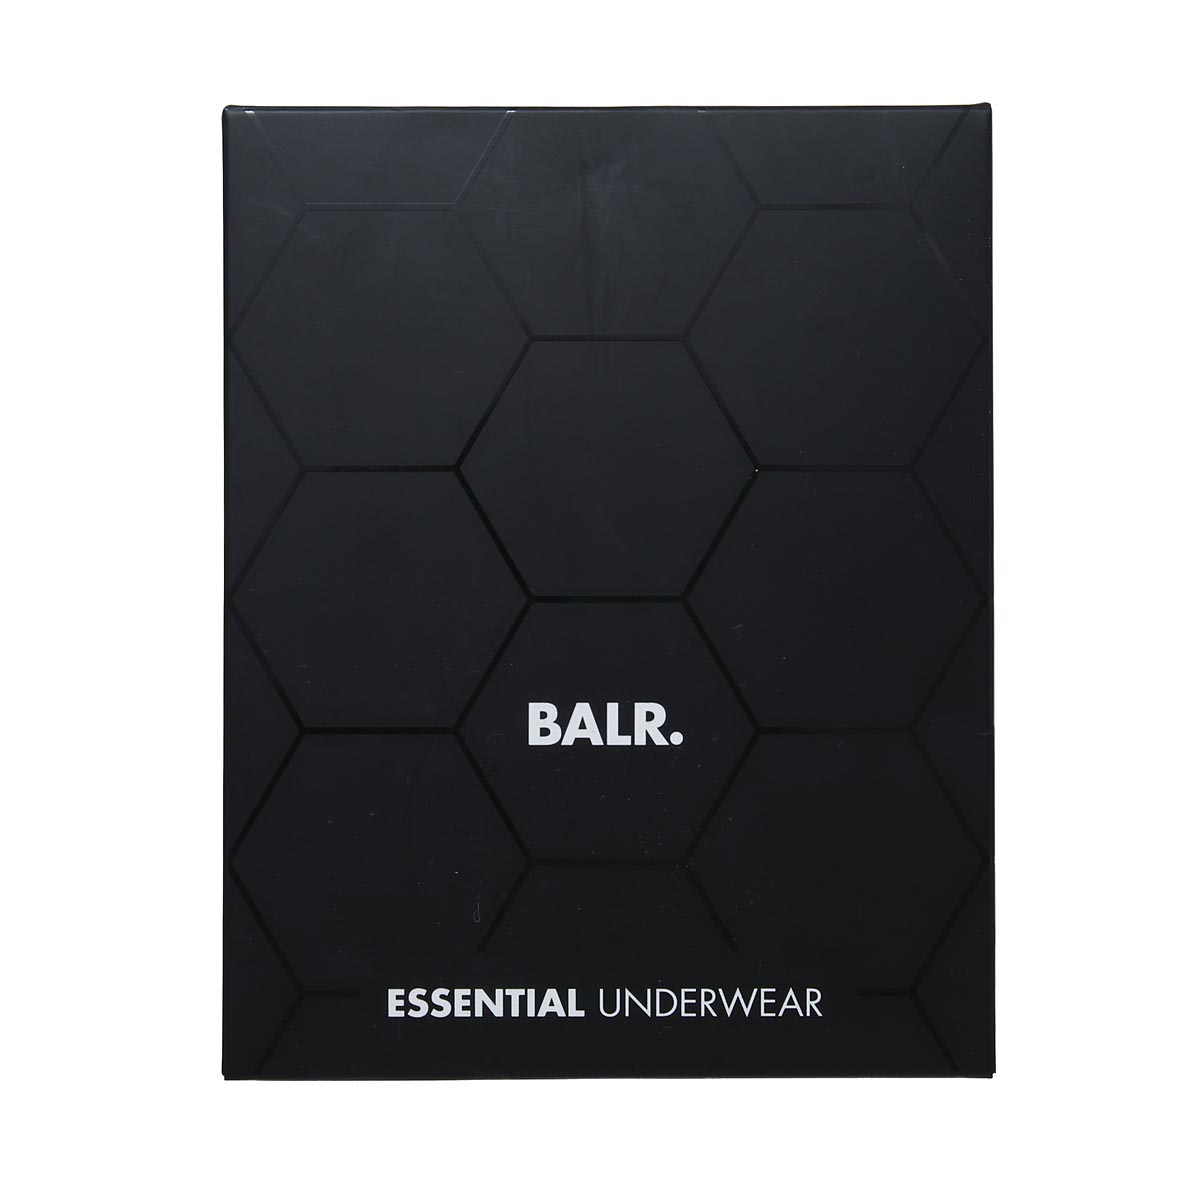 【アウトレット】BALR. ボーラー ボクサーパンツ 2枚セット【返品交換不可】 メンズ